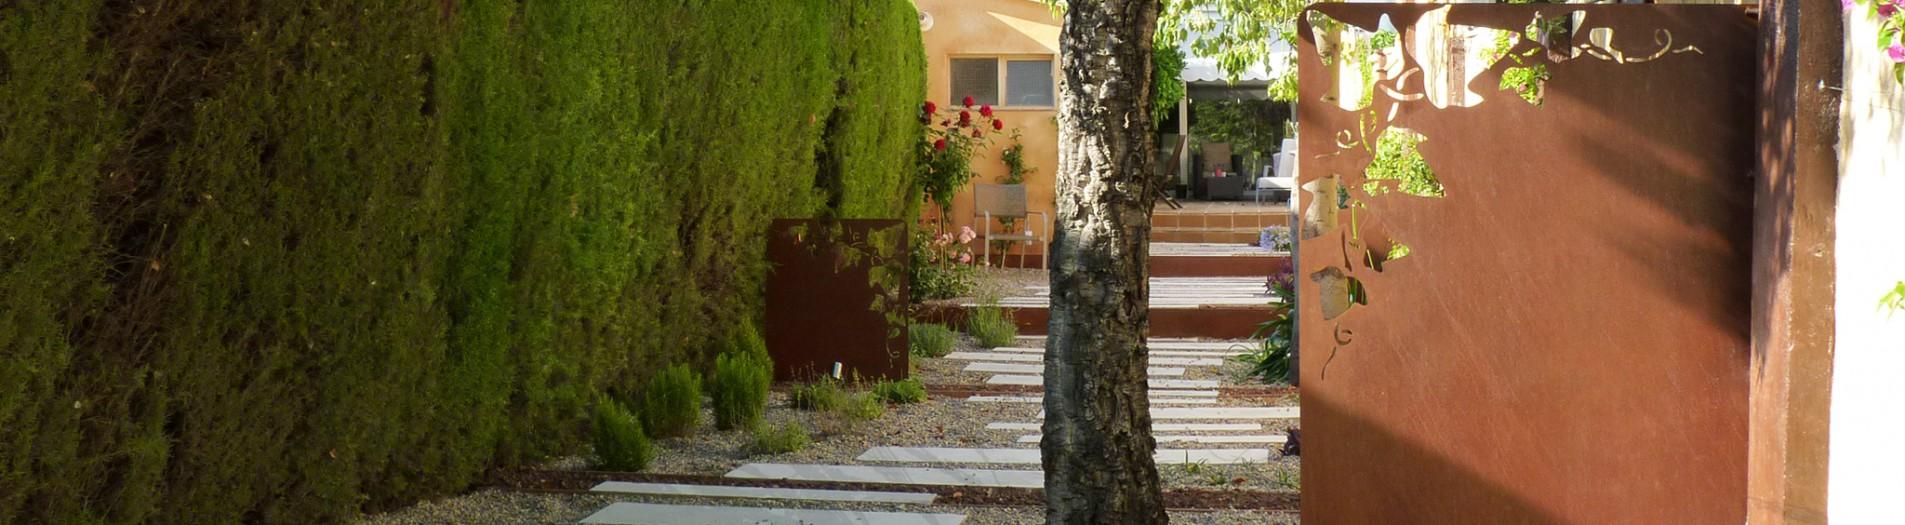 Jardí a Olesa de Montserrat